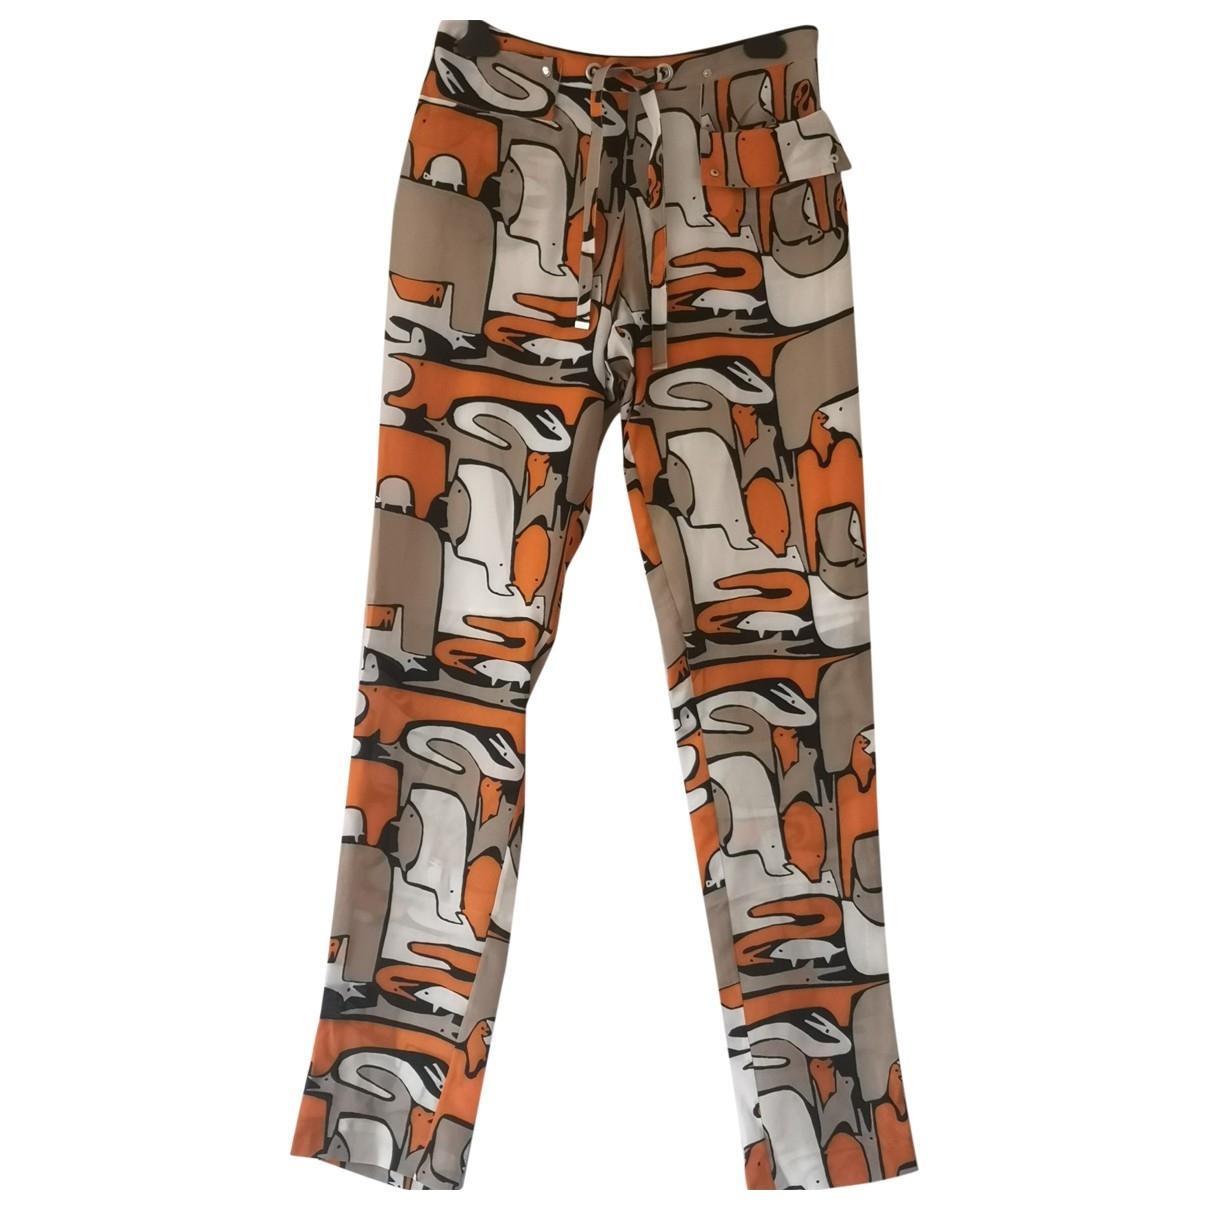 Jc De Castelbajac \N Orange Silk Trousers for Women 40 FR